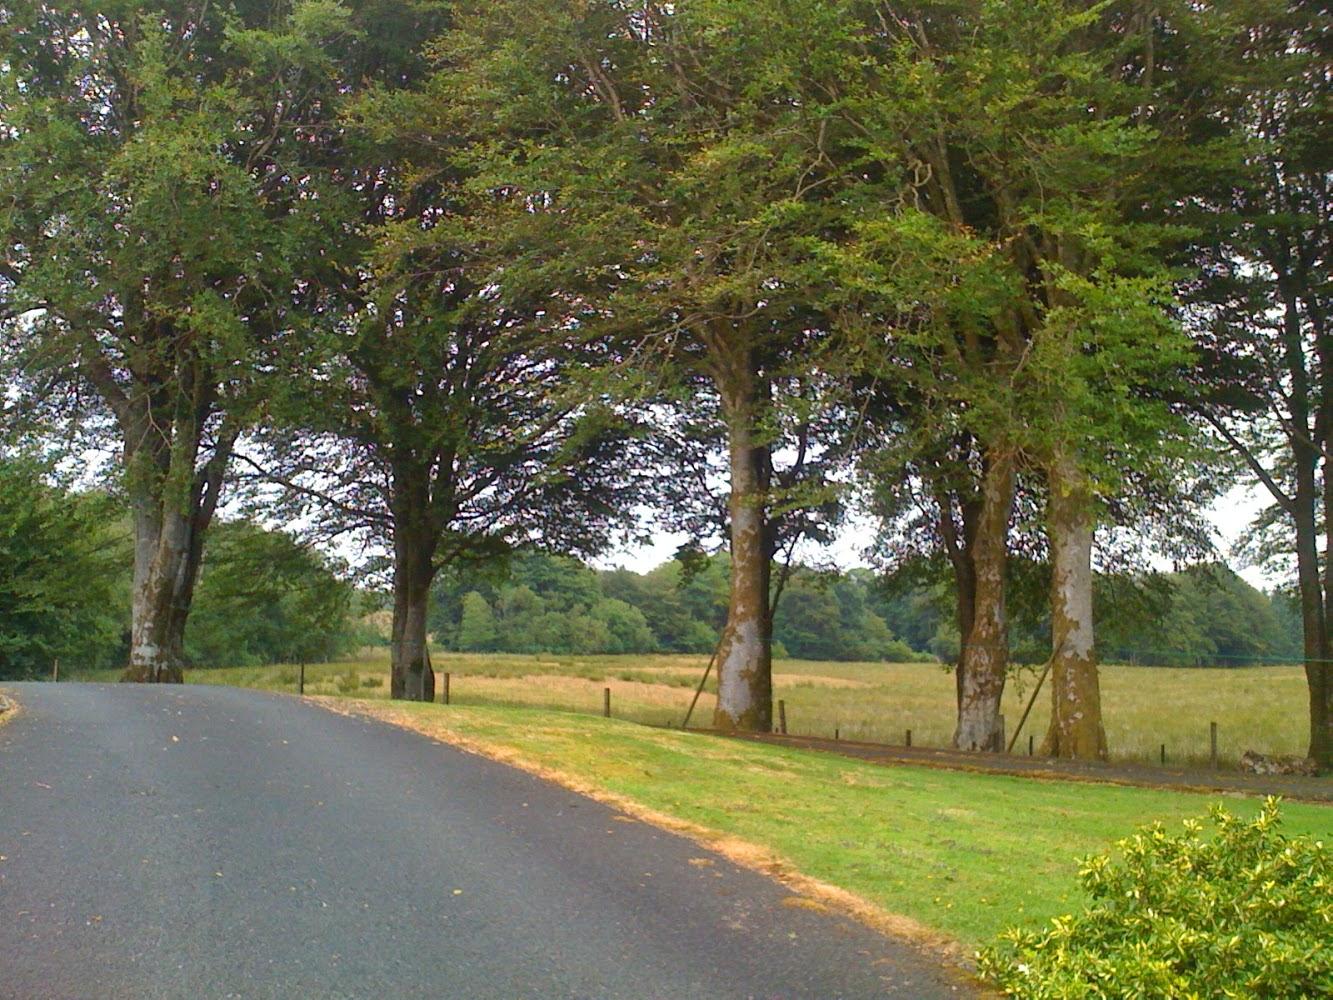 An image of mature beech (Fagus sylvatica) trees